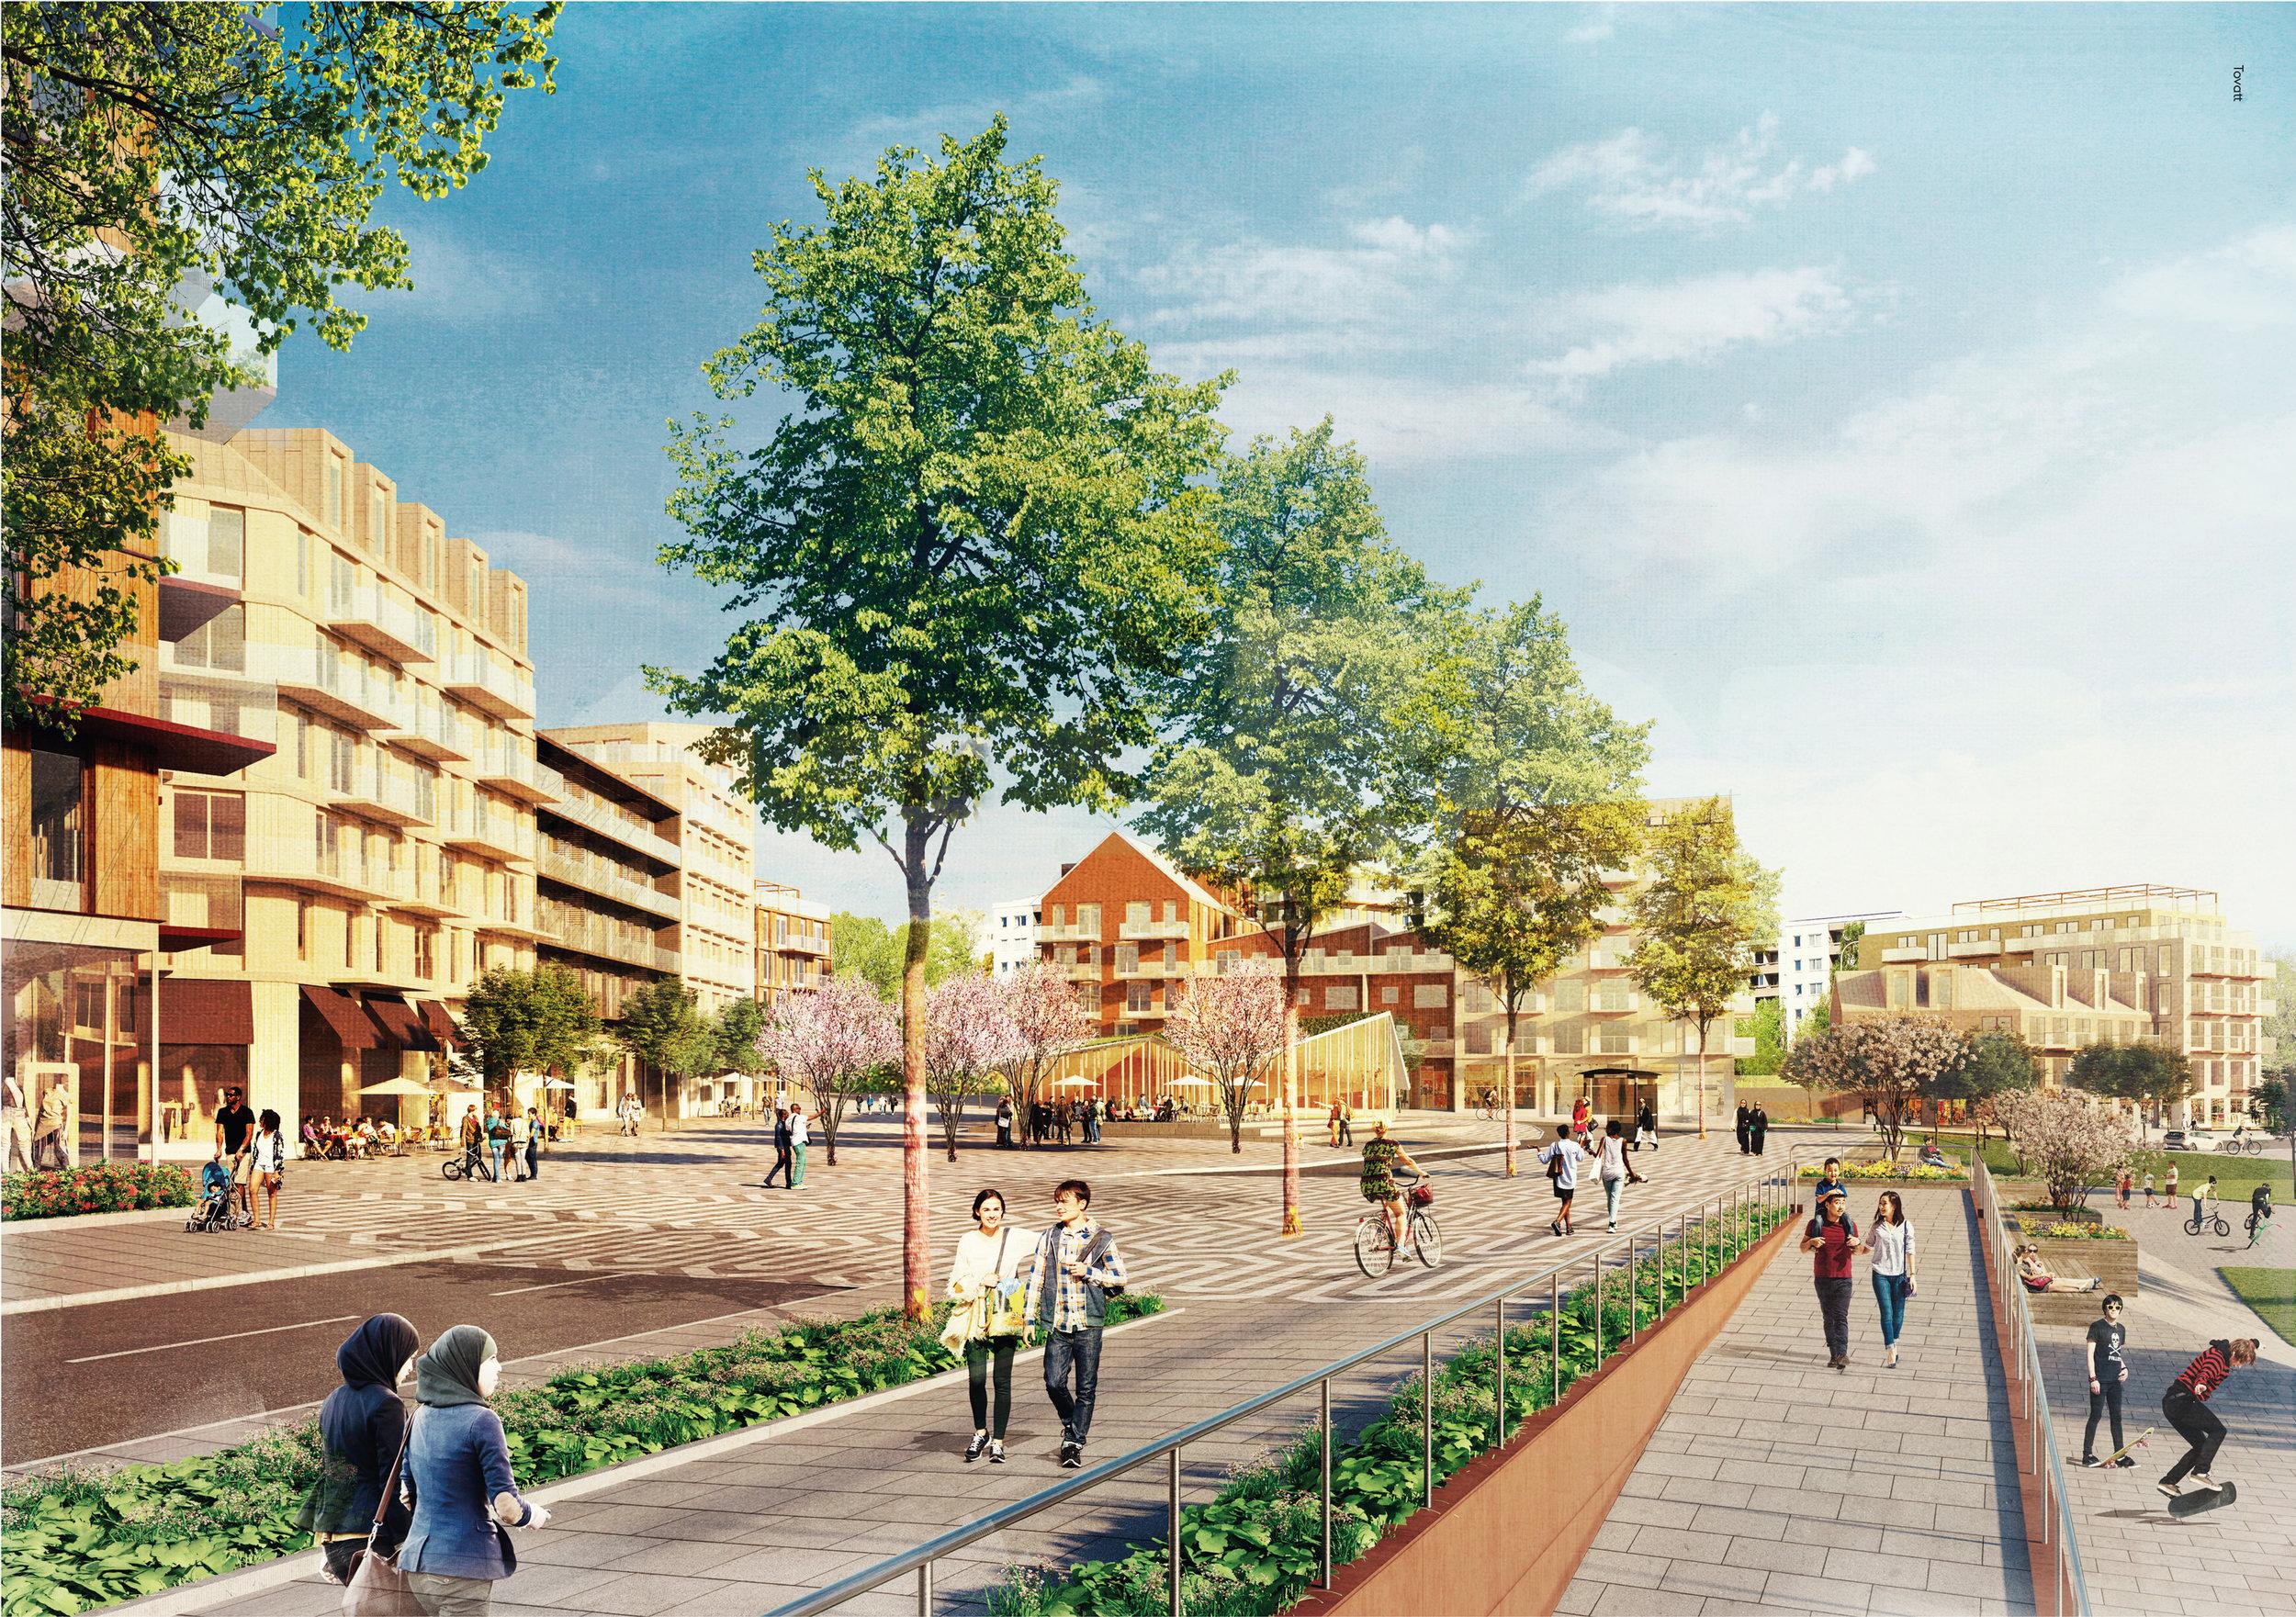 Visionsbild som visar ny föreslagen bebyggelse kring det nya torget i korsningen Vårbergsvägen/Svanholmsvägen samt nya kopplingar till Vårbergs IP genom trappningar. Illustration Tovatt Architects & planners